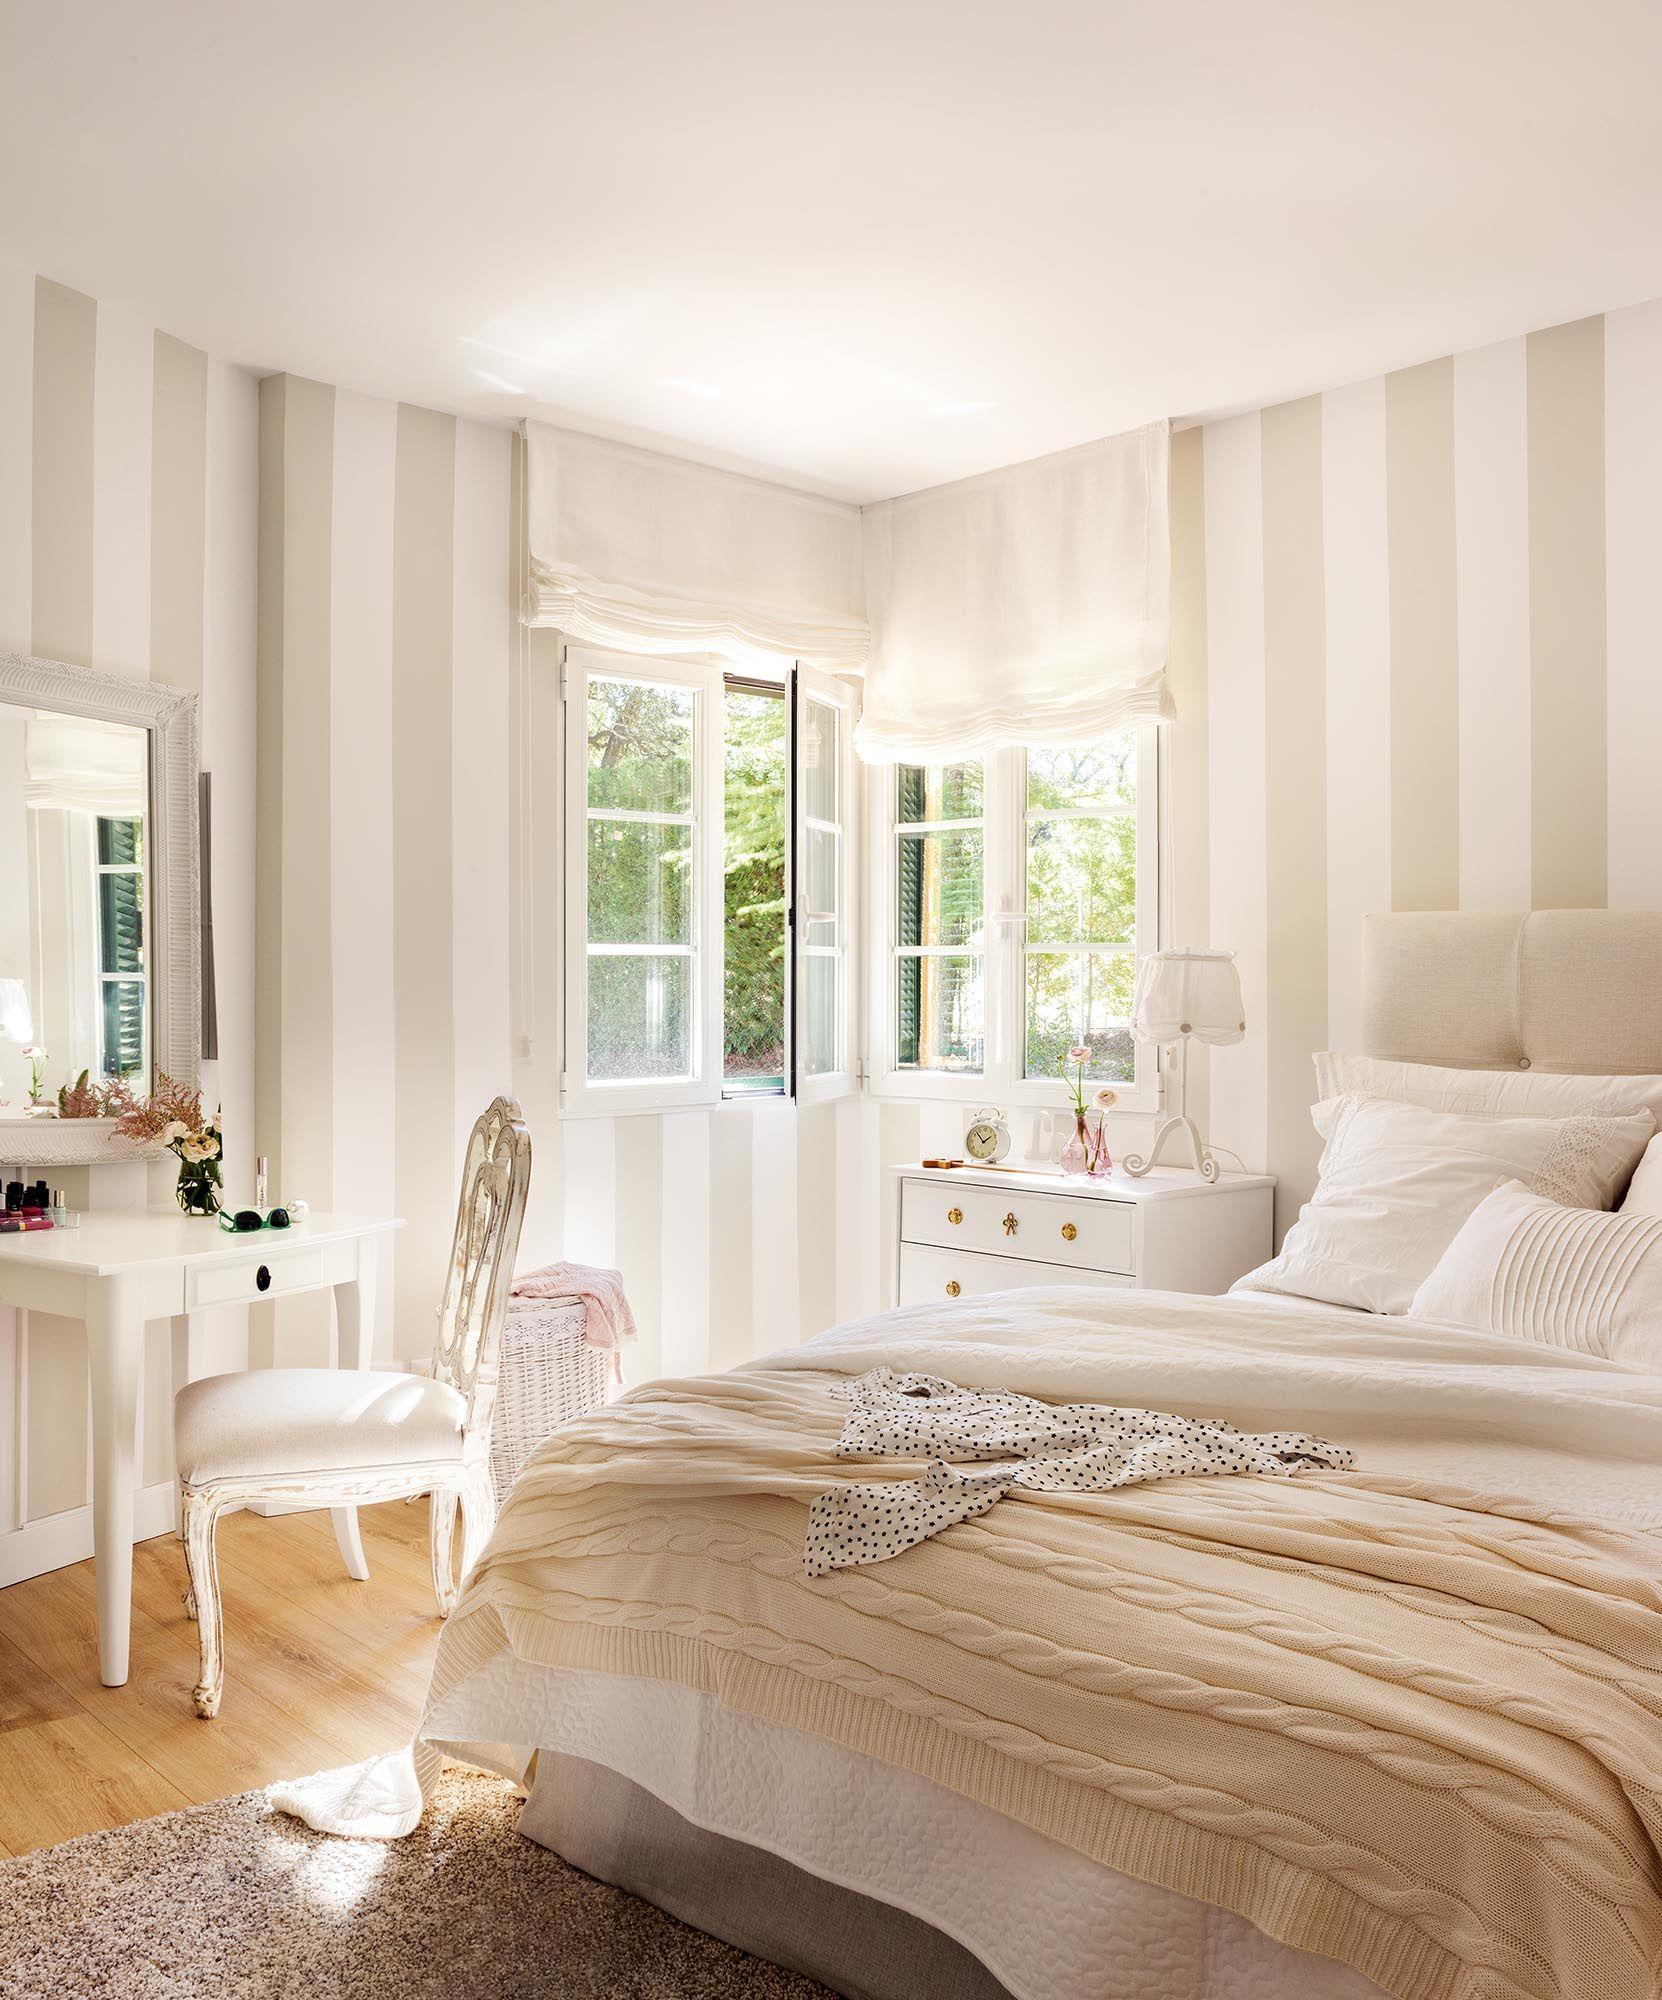 Dormitorio cl sico en blanco con paredes con papel pintado - Habitaciones pintadas con rayas ...